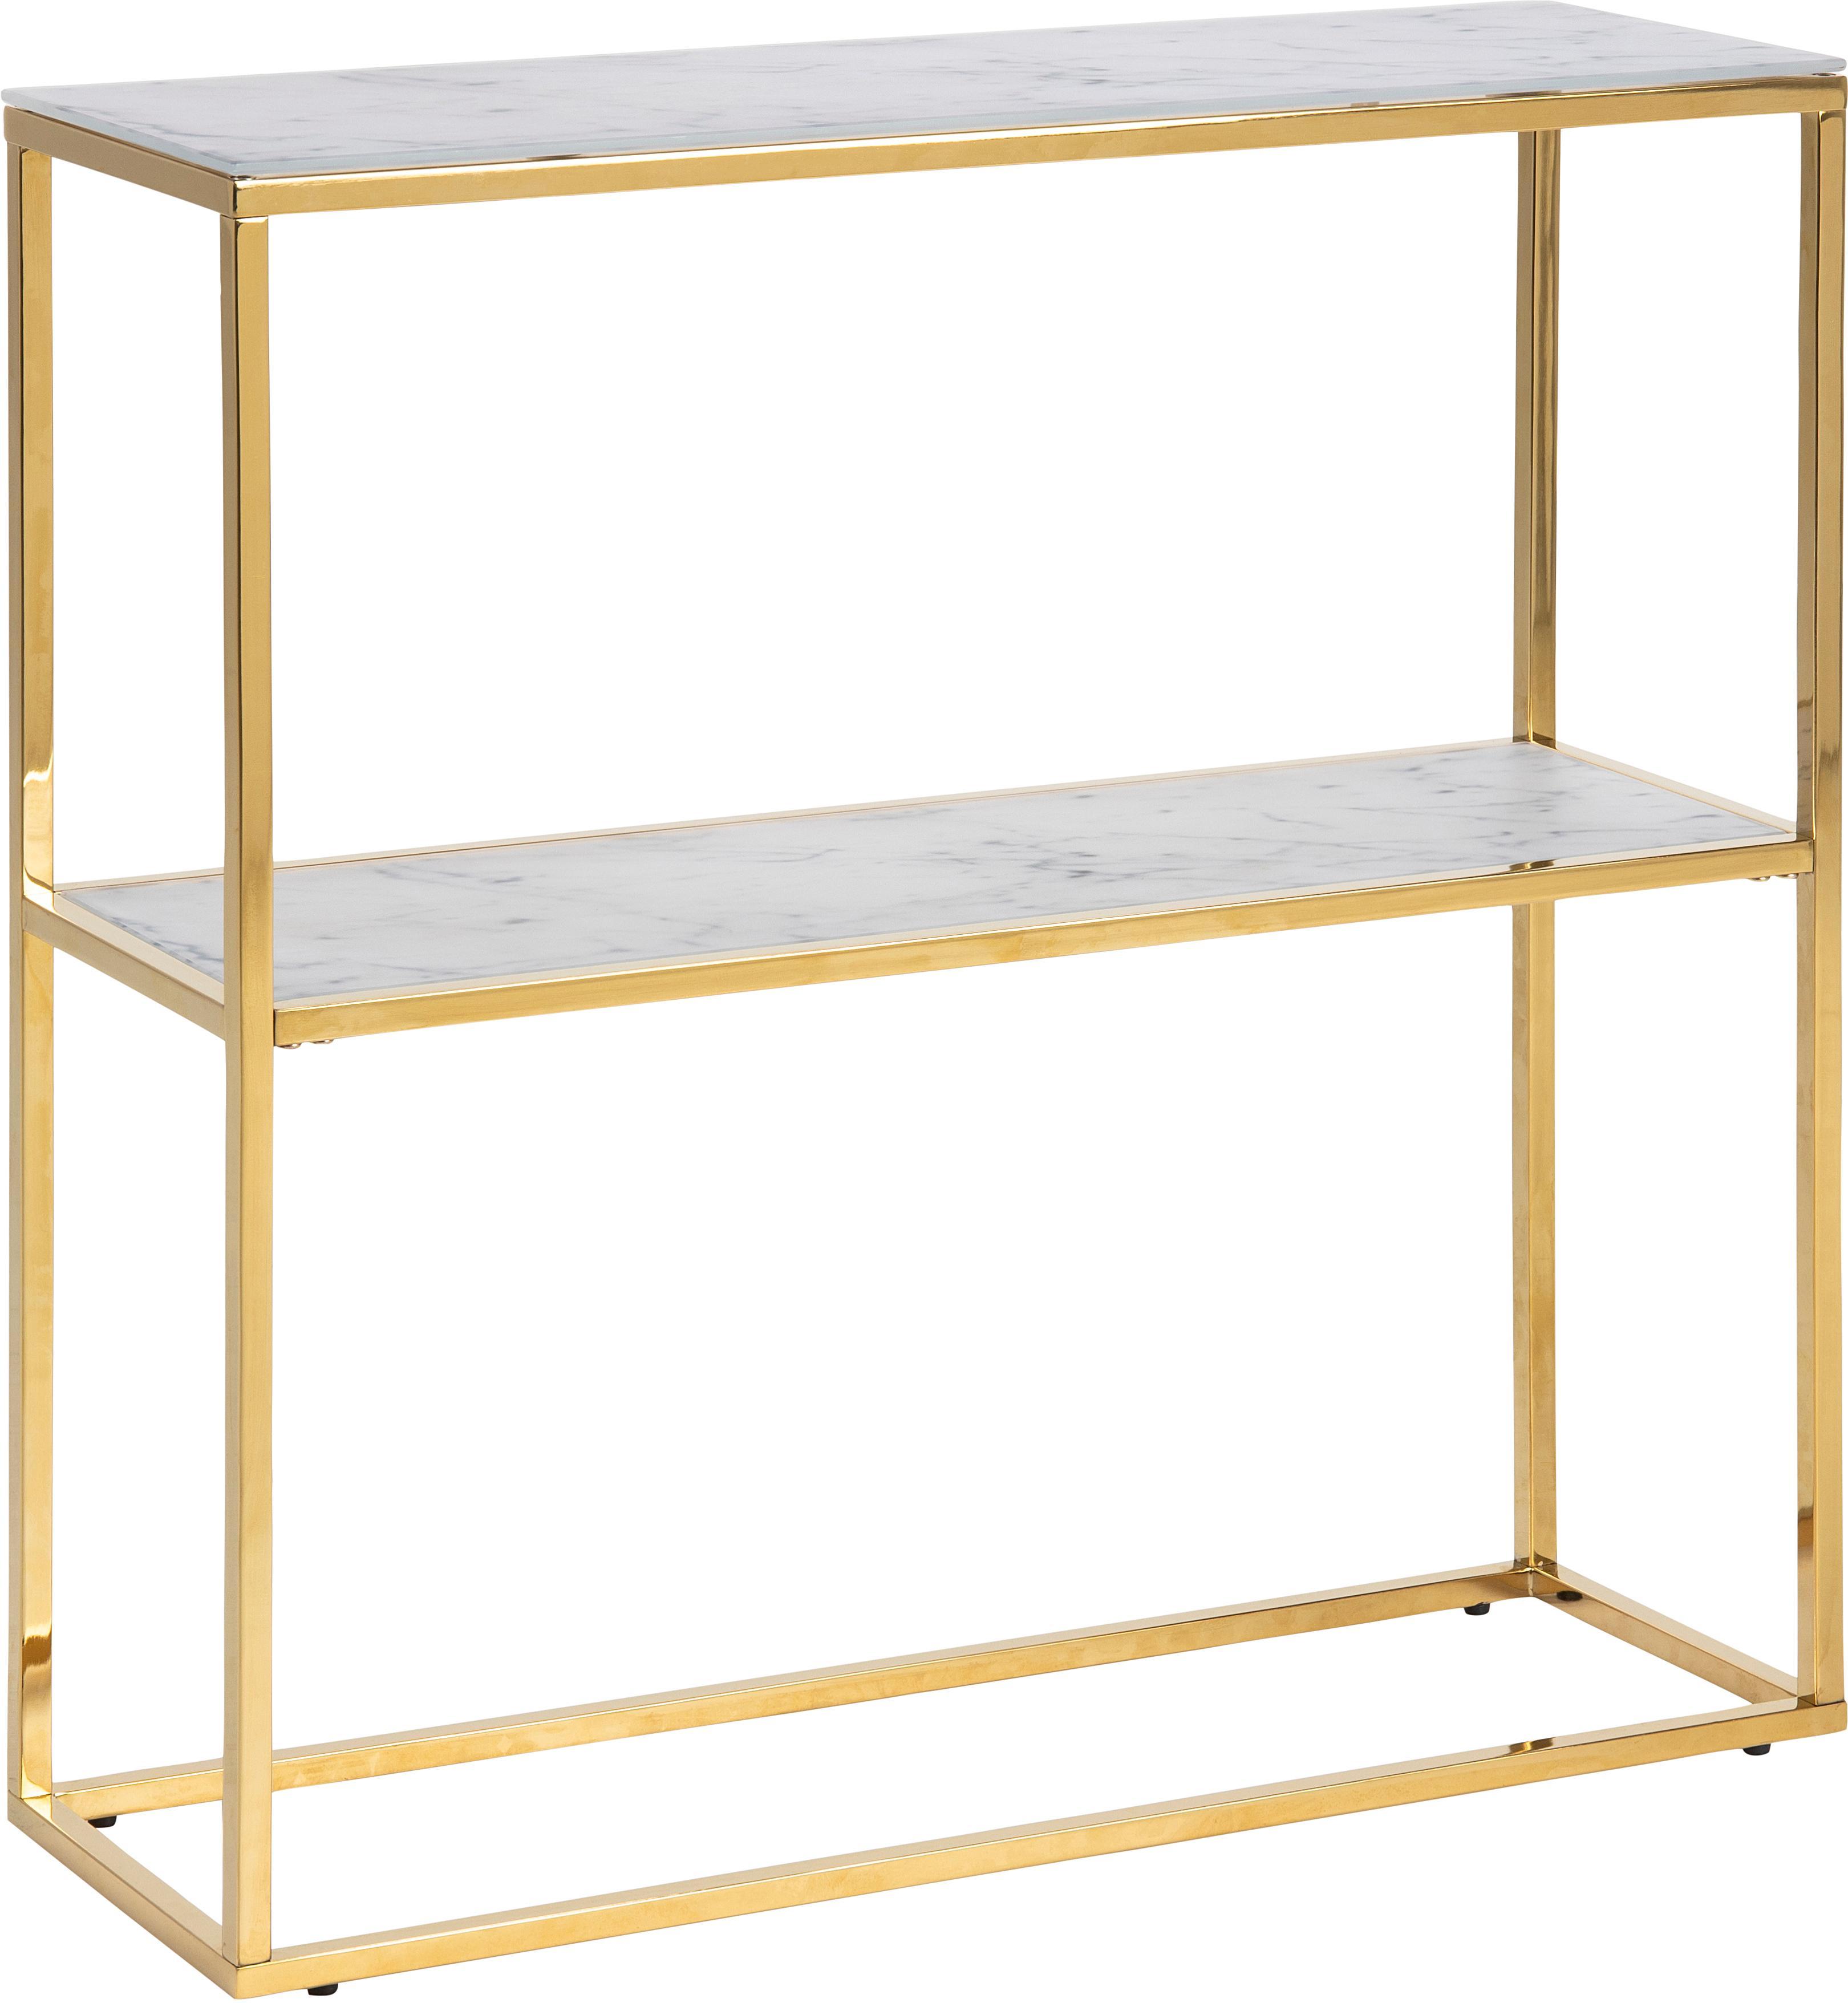 Ripiano in metallo effetto marmo Aruba, Piano d'appoggio: vetro, Struttura: metallo sventato, Bianco, dorato, Larg. 80 x Alt. 81 cm